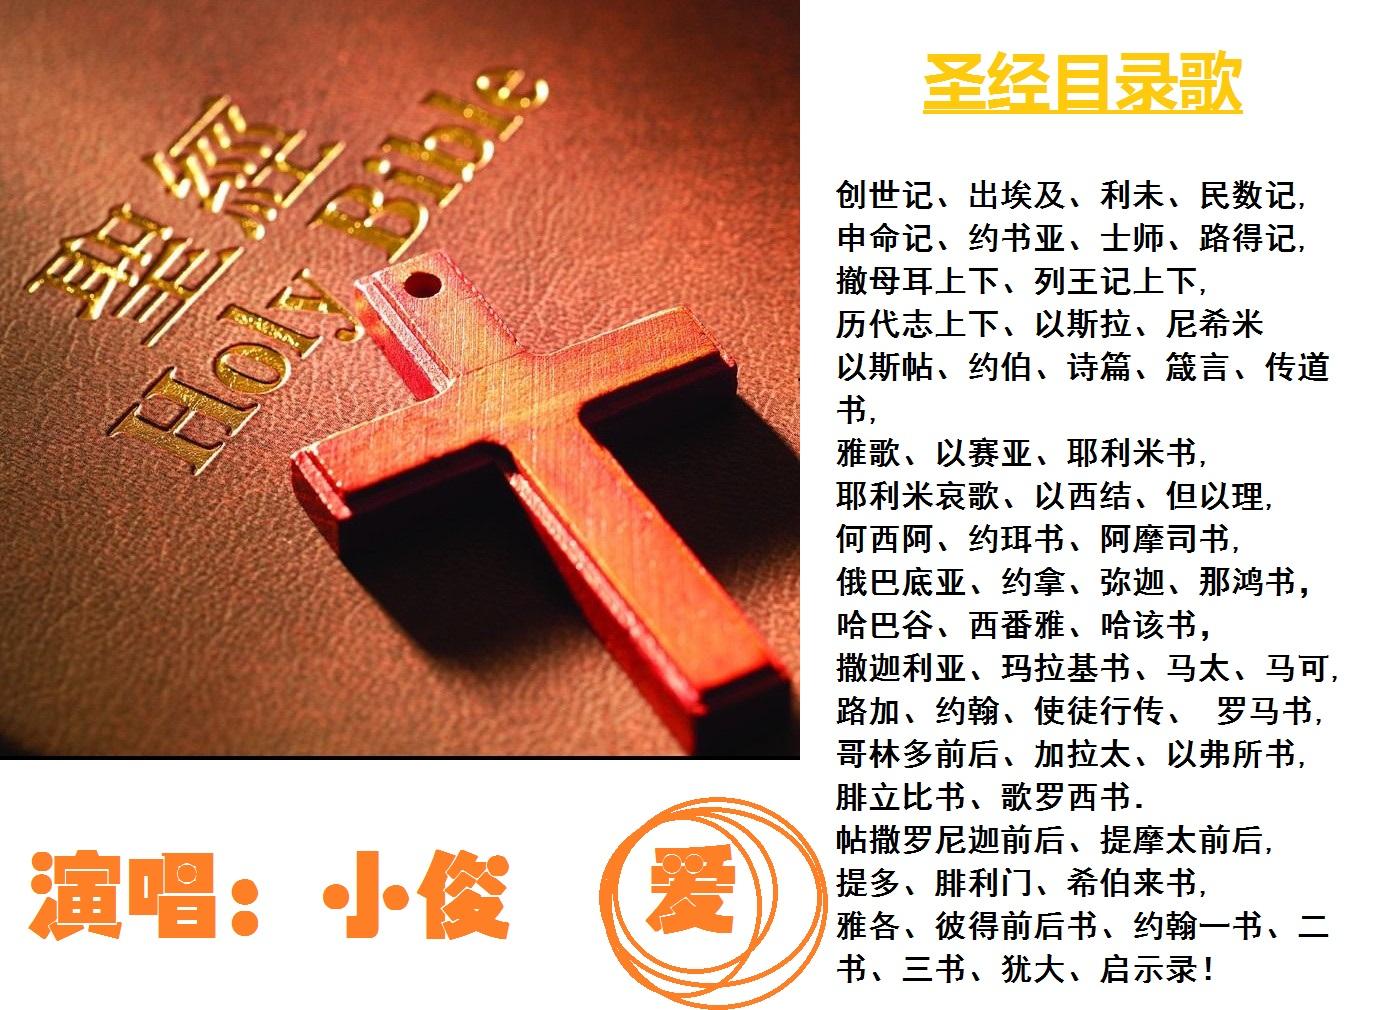 412圣经目录歌